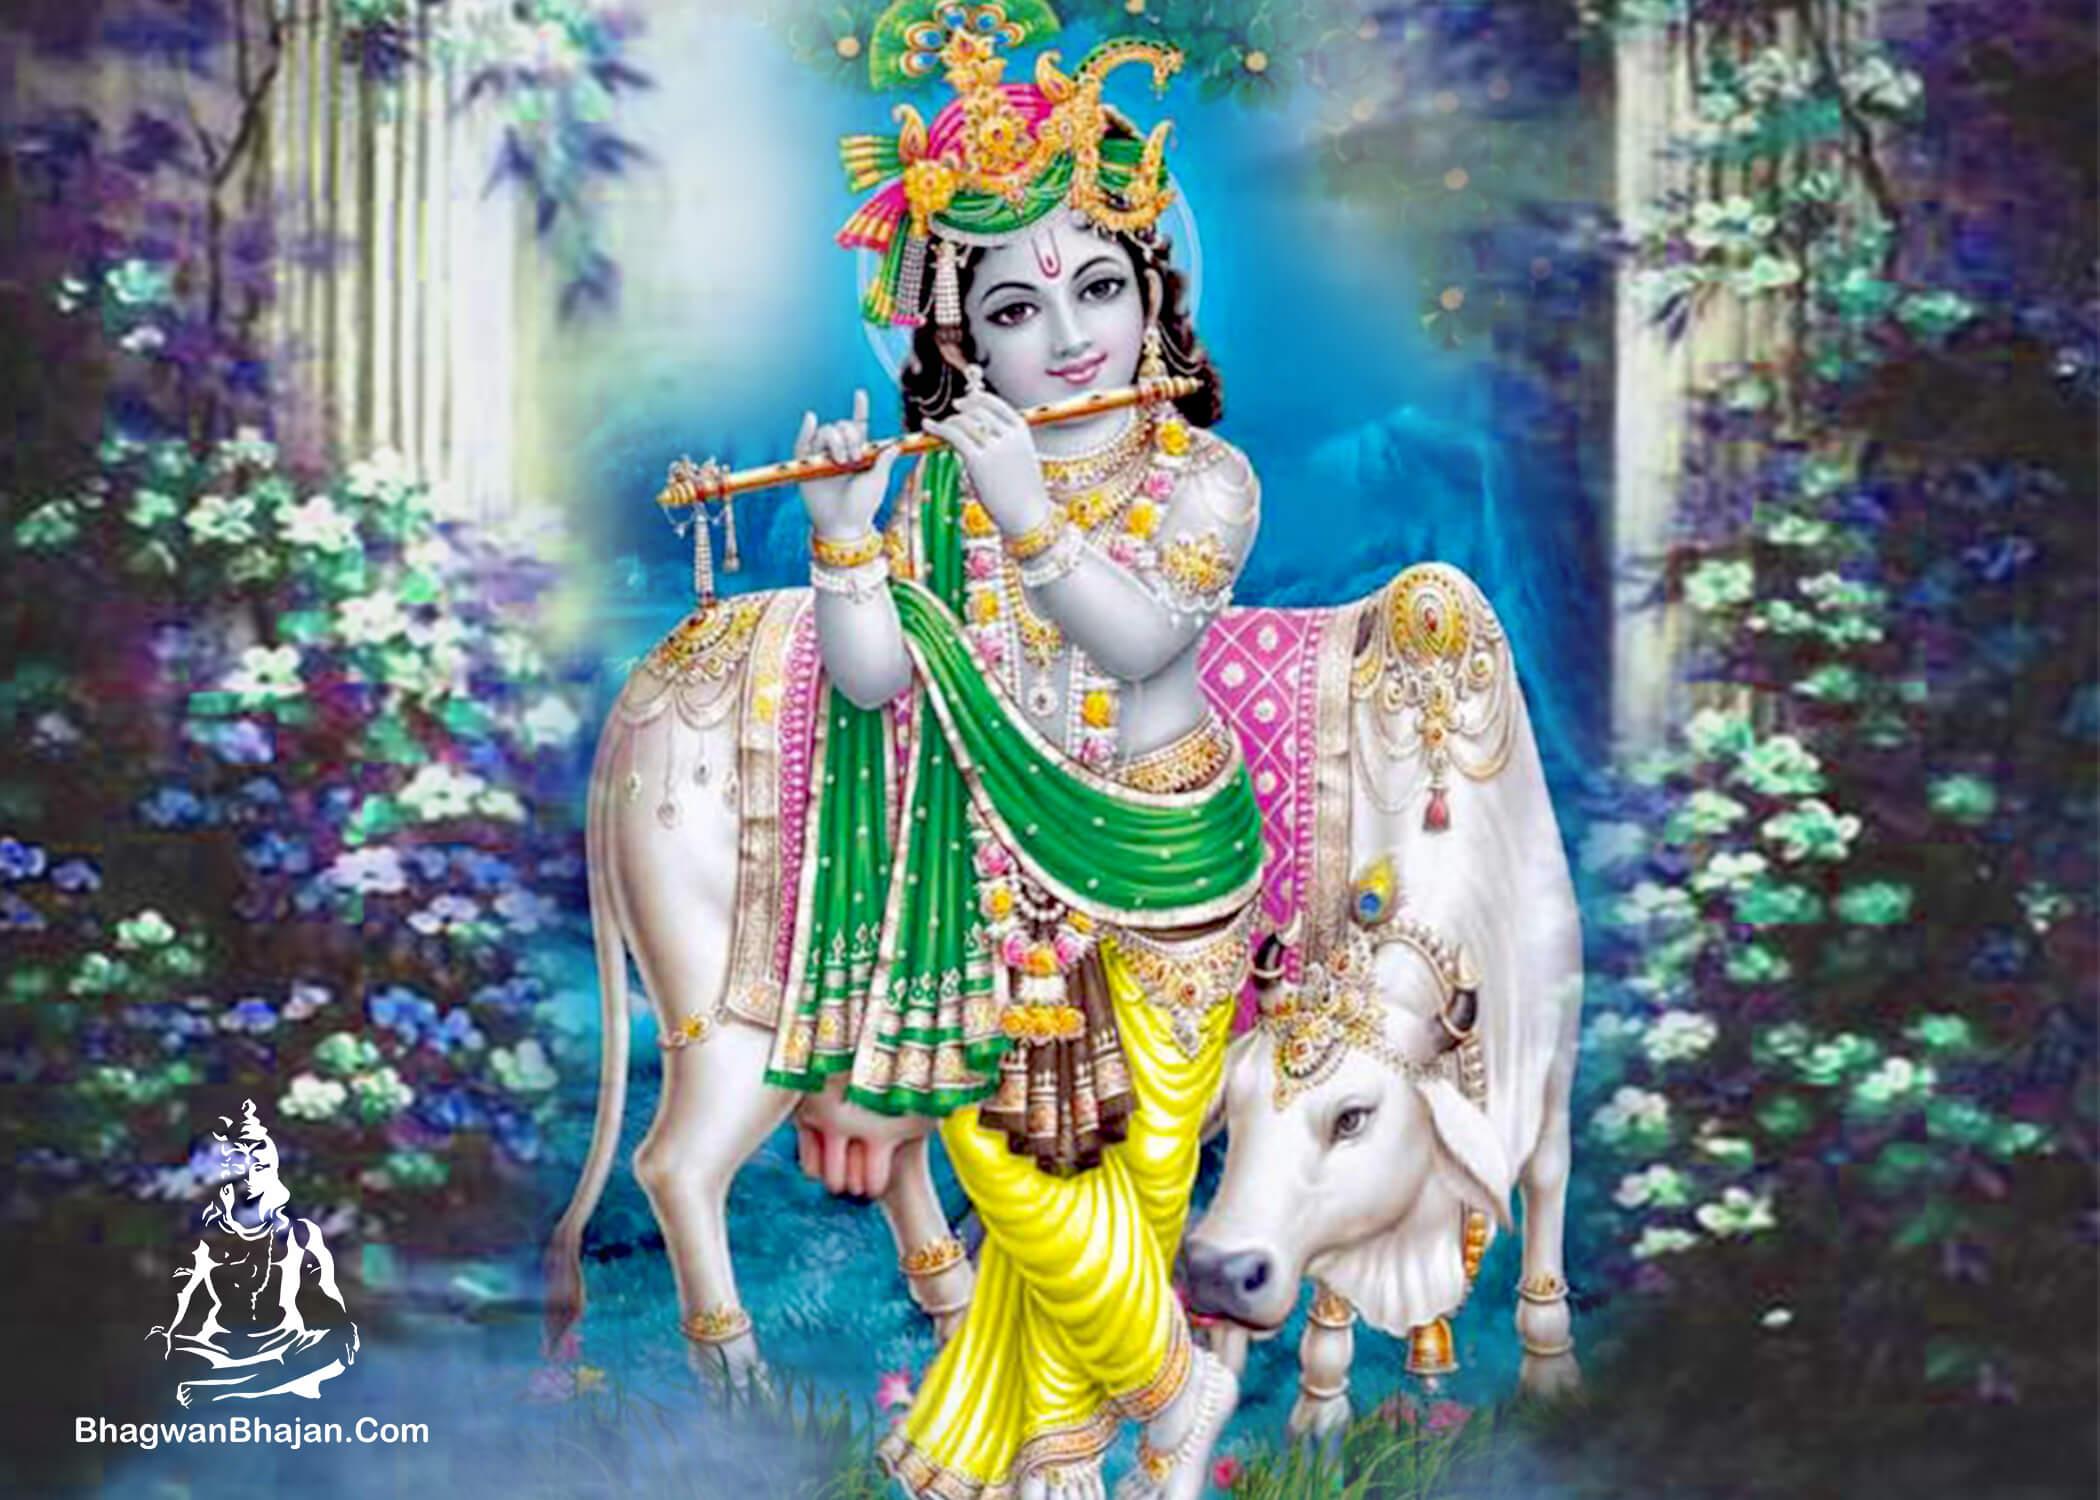 shri krishna wallpapers hd